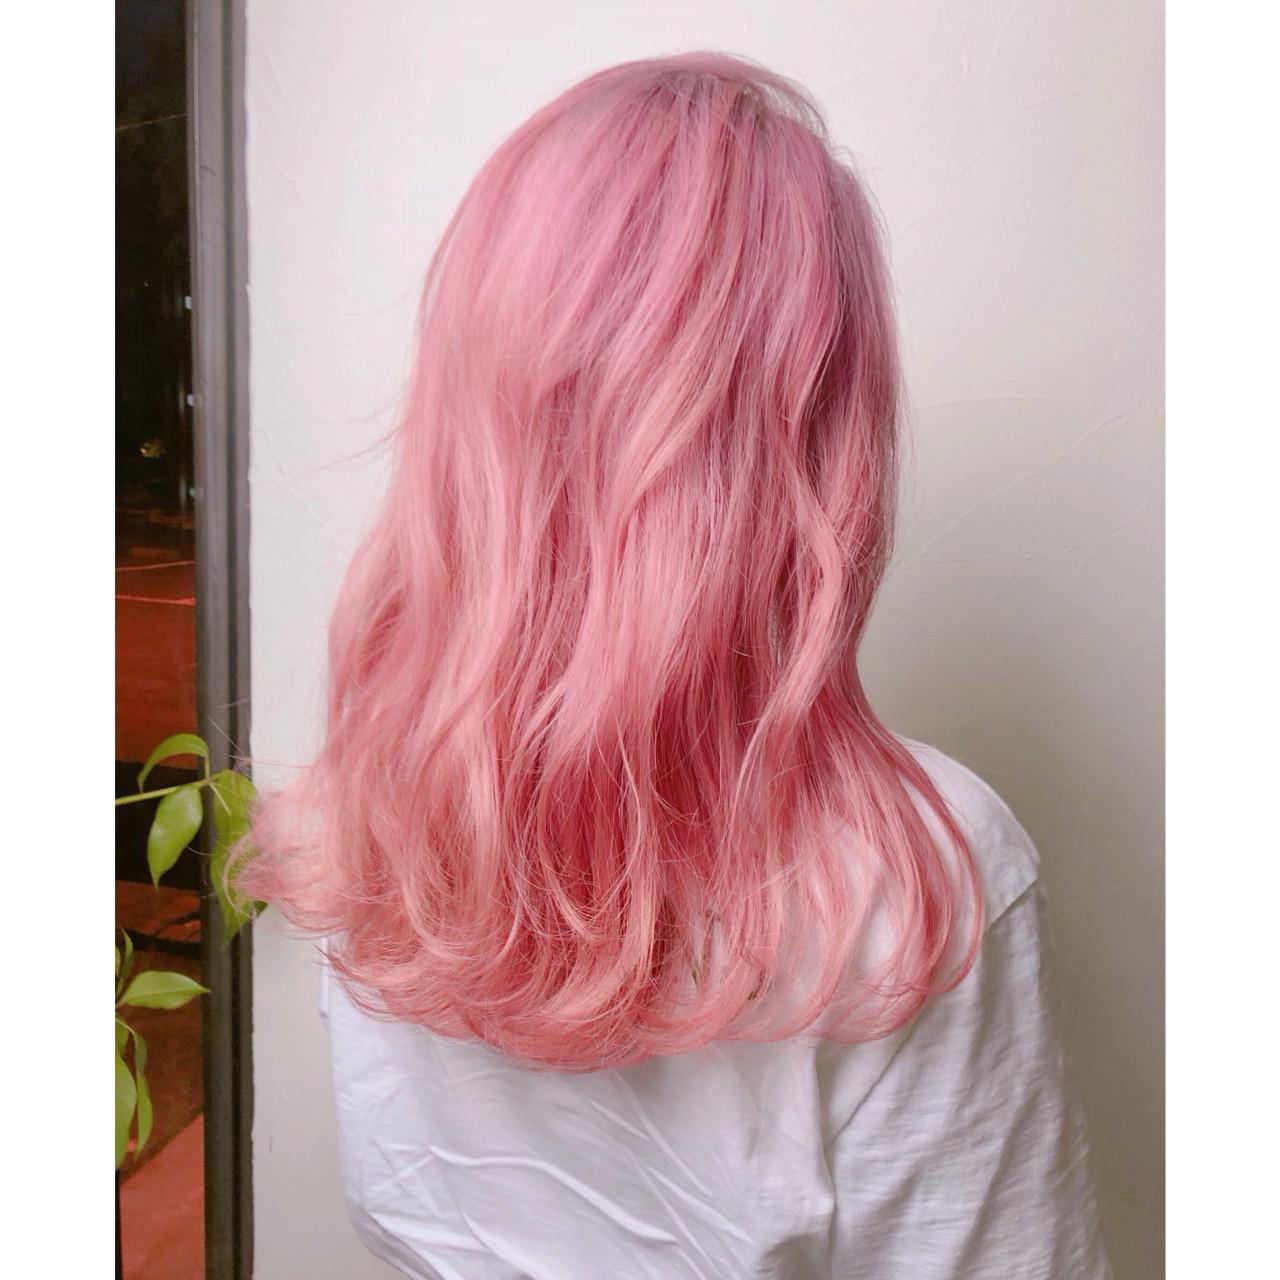 簡単ヘアアレンジ ピンク ベージュ セミロング ヘアスタイルや髪型の写真・画像 | TAKUMI KAWAHORI / ankclassic